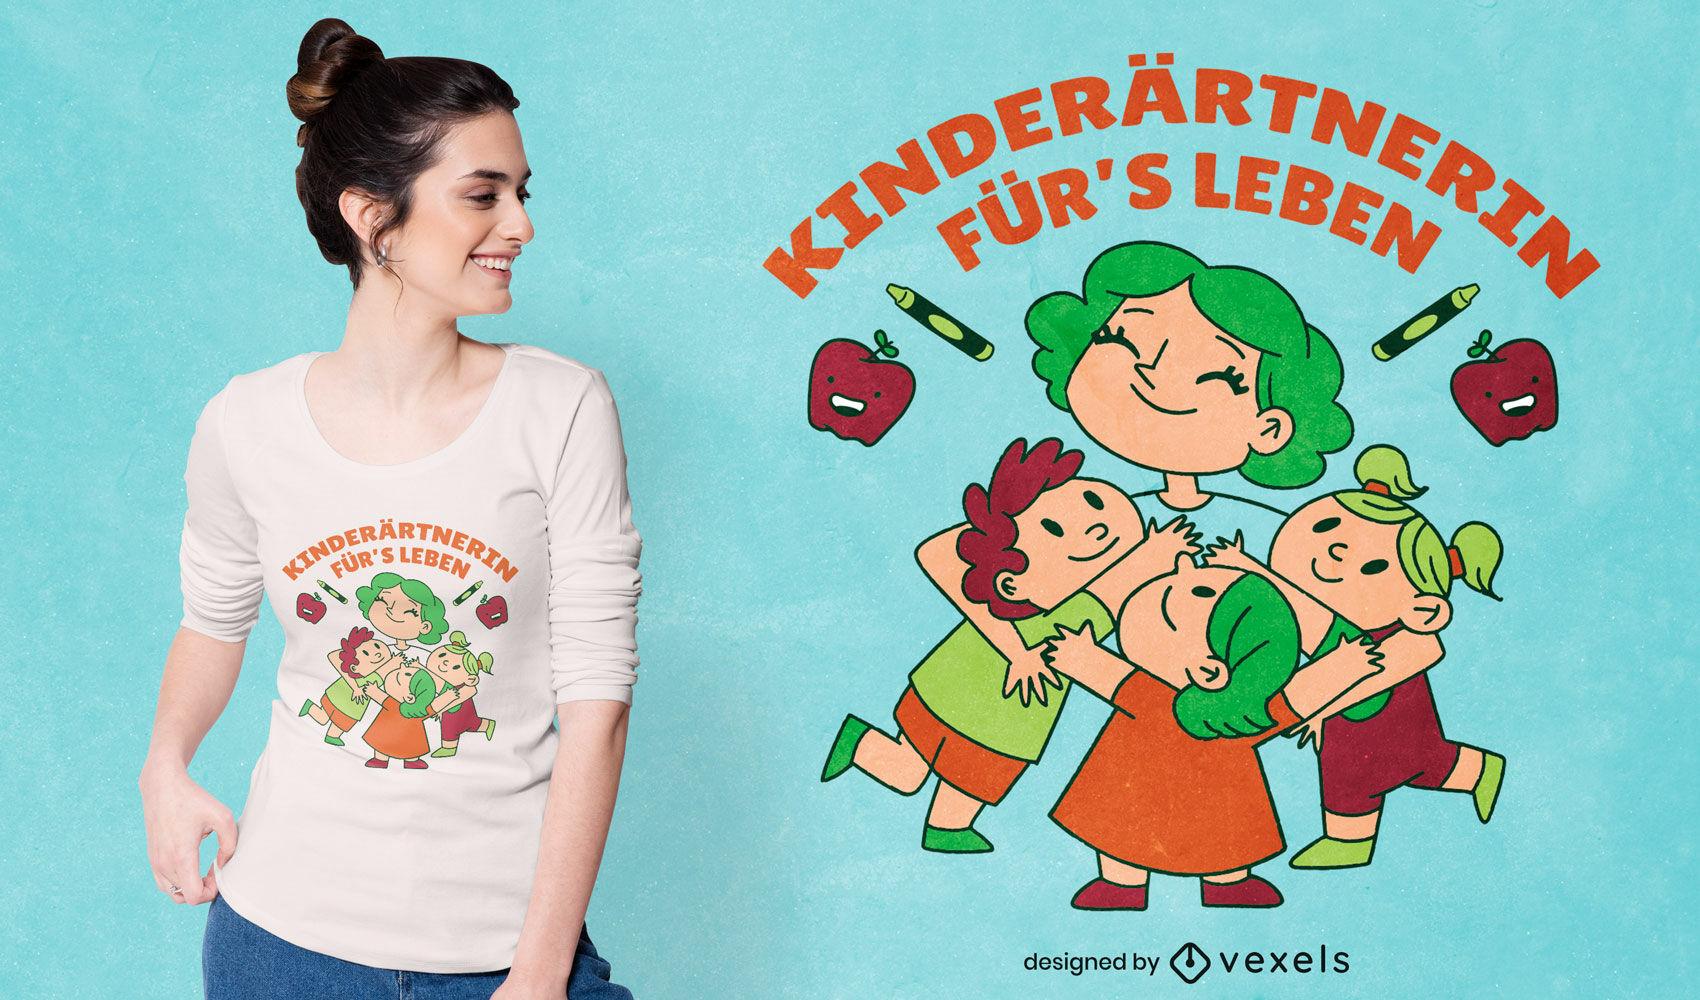 Kindergarten teacher german quote t-shirt design